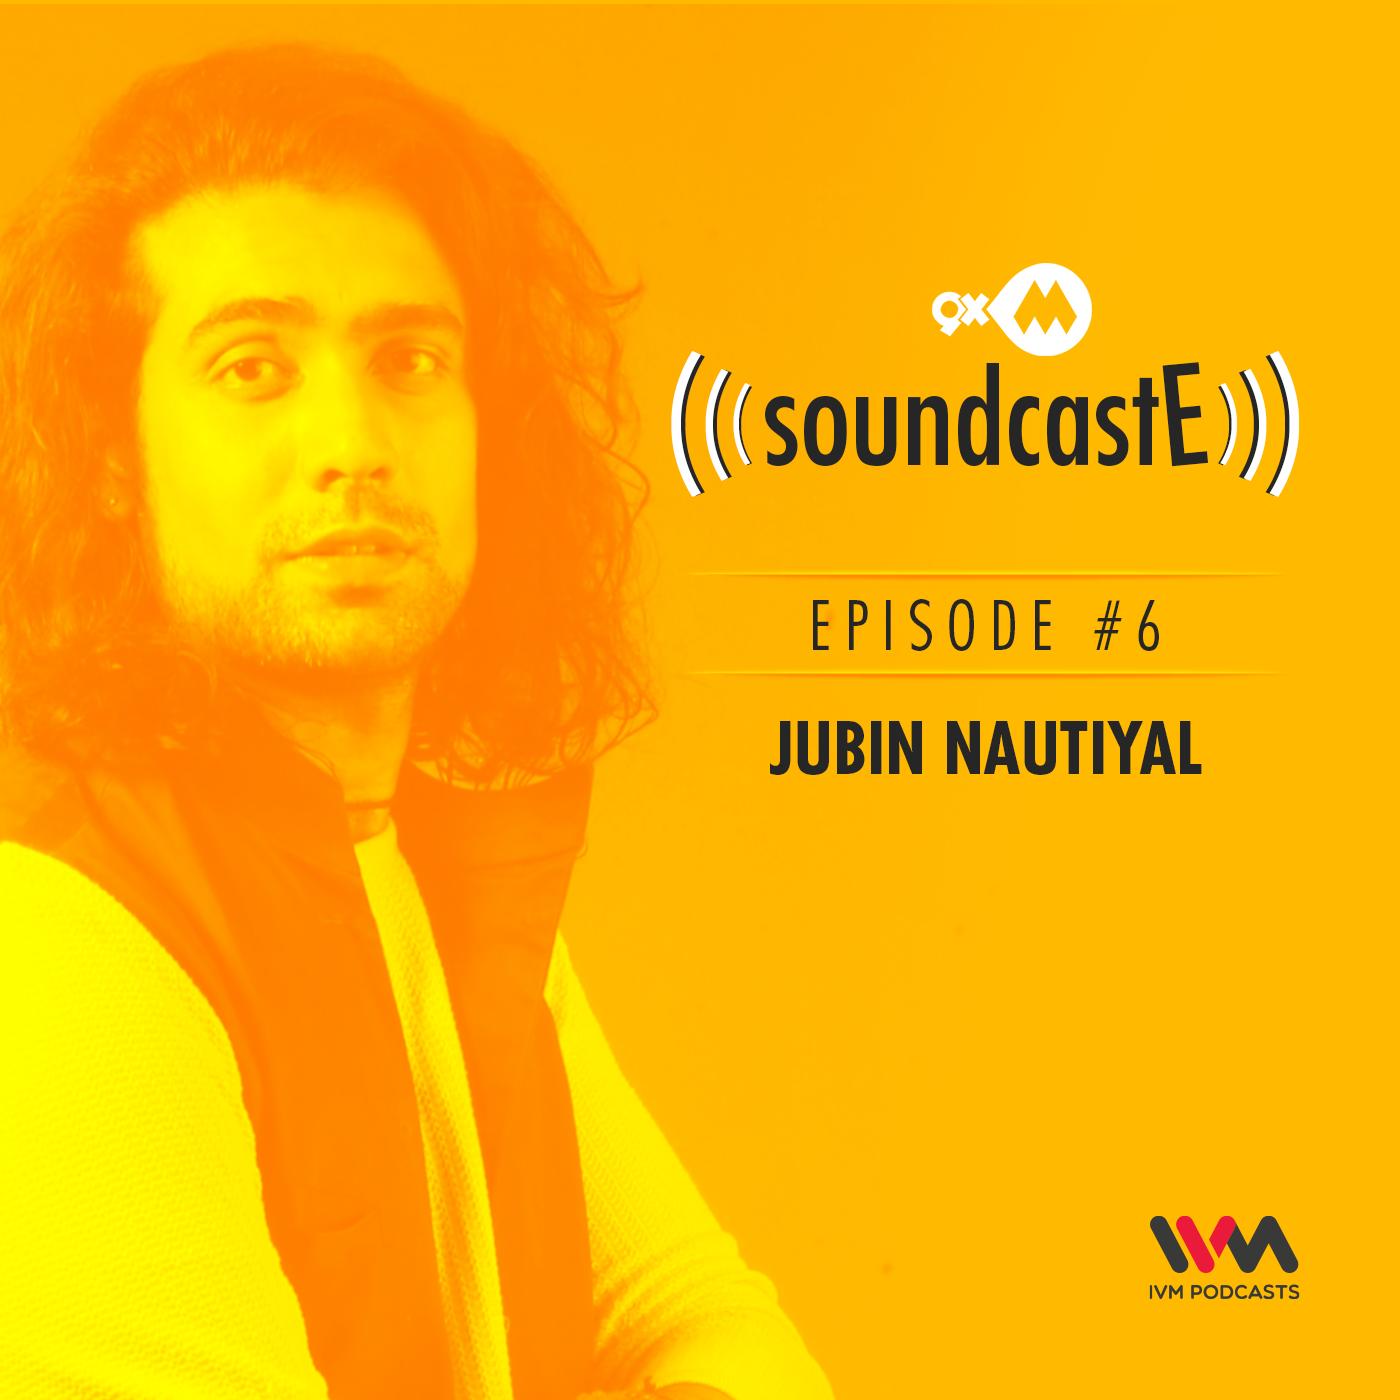 Ep. 06: 9XM SoundcastE with Jubin Nautiyal